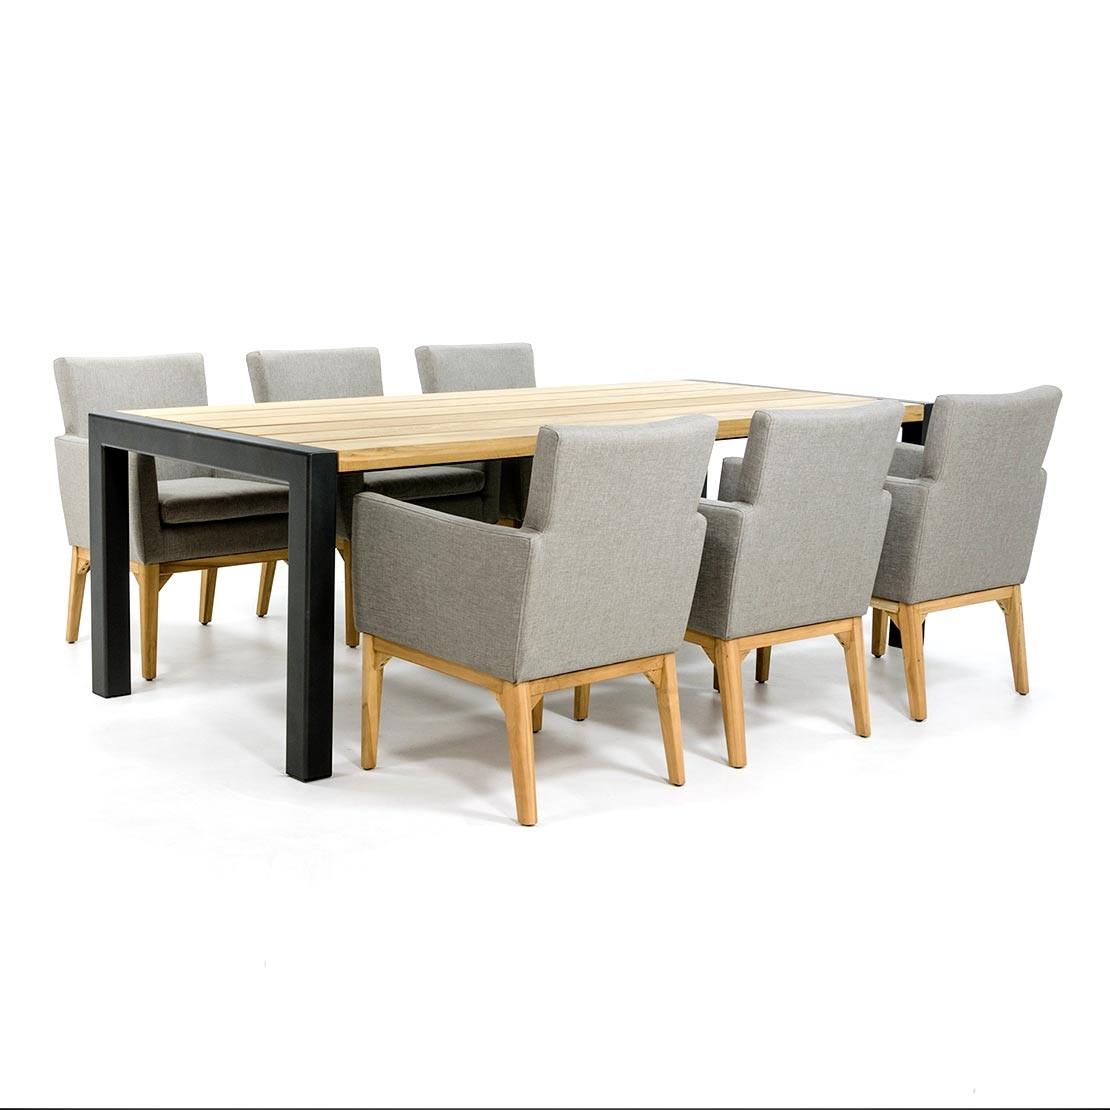 Teakholz Gartentisch mit beschichteten Stahl Tischgestell und Stühlen